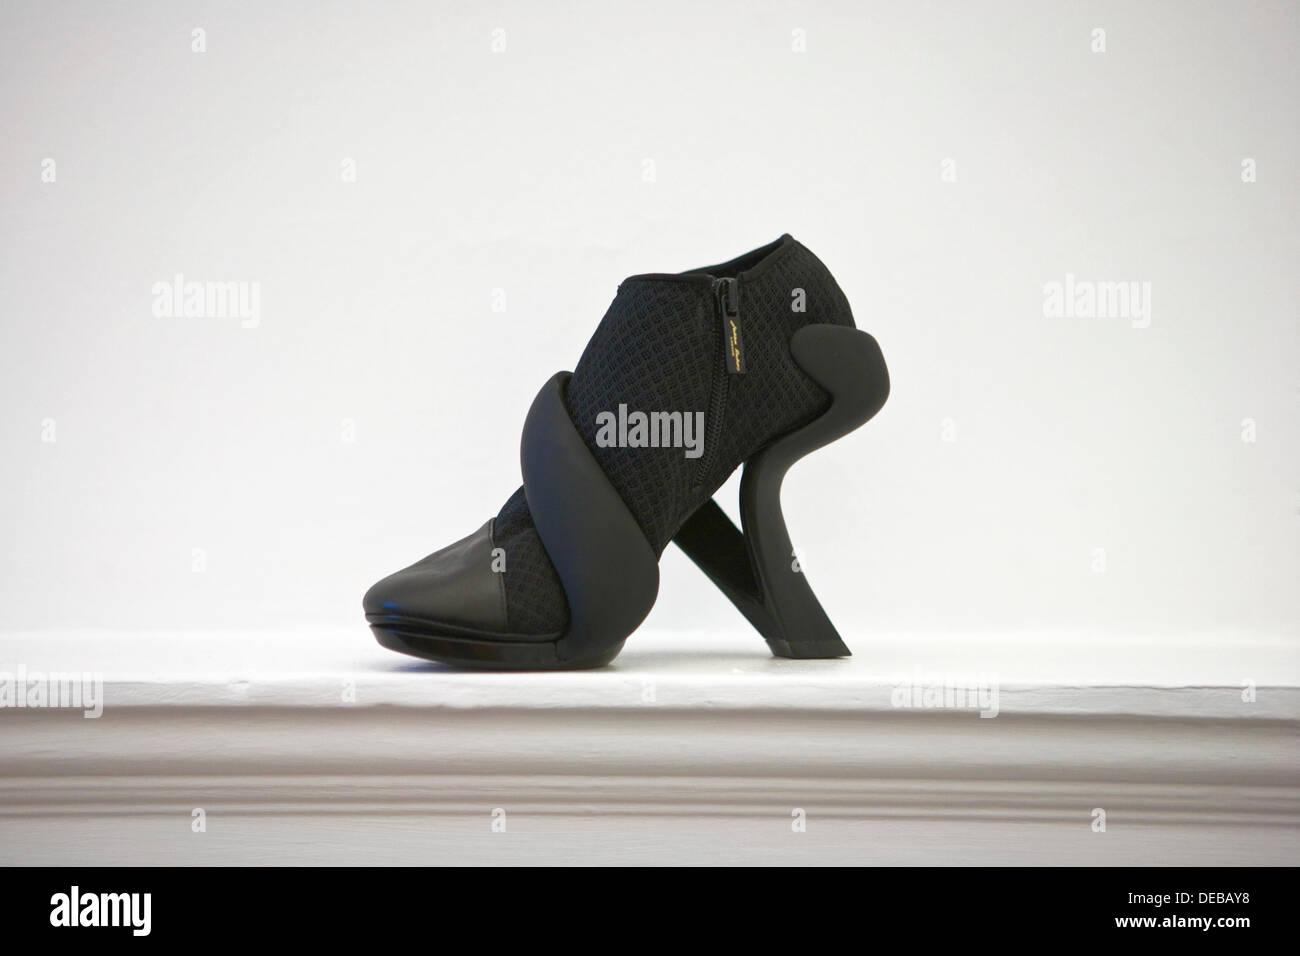 London Fashion Week à Somerset House: dernières créations de nouveaux talents. Julian Hakes créateur de chaussures chaussures mode moderne Photo Stock